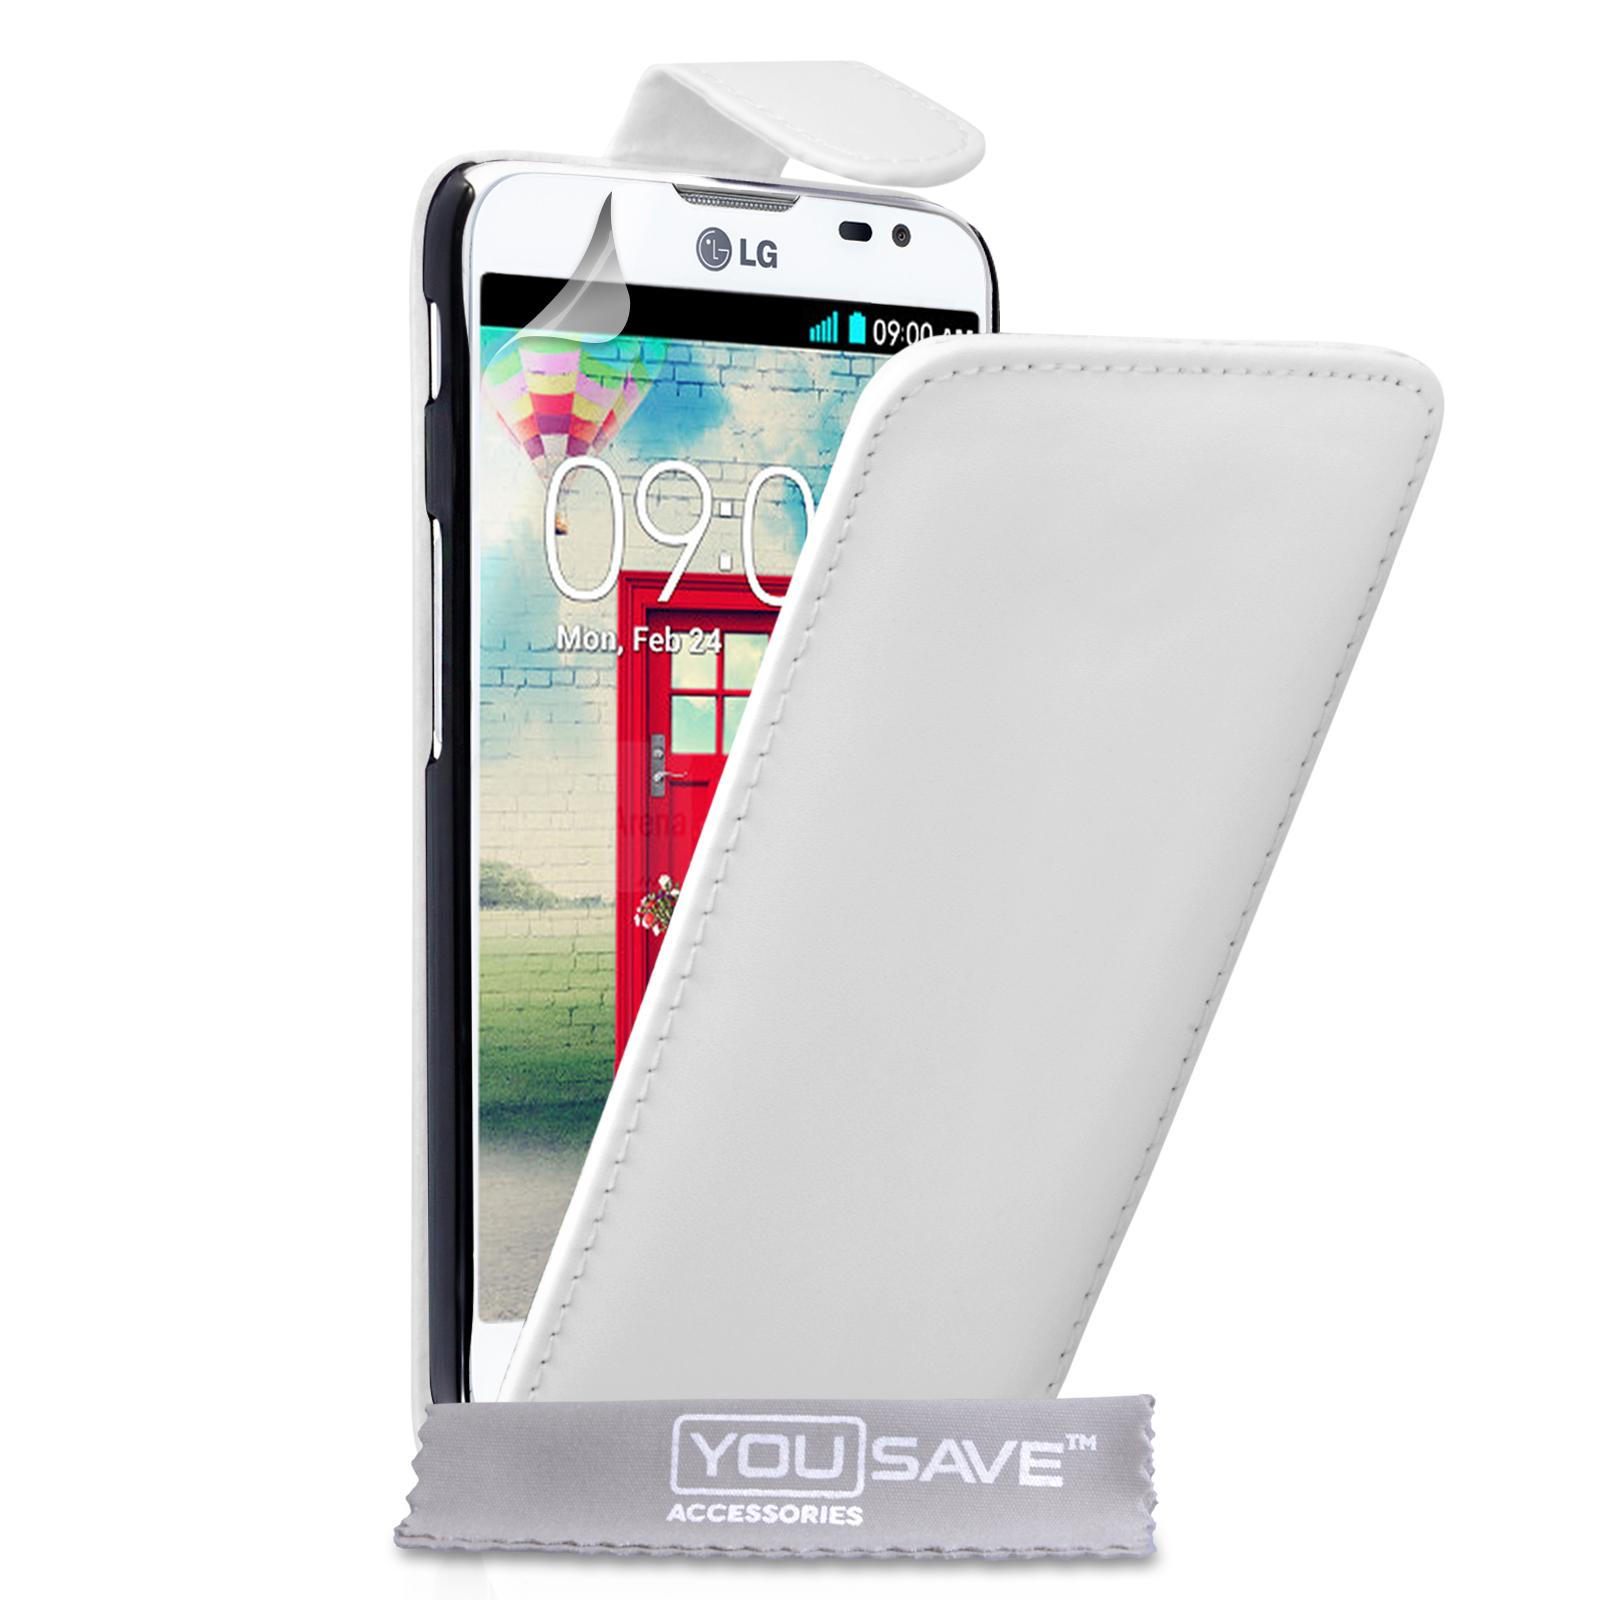 Flip Θήκη LG L90 by YouSave (Z640L90) μόδα